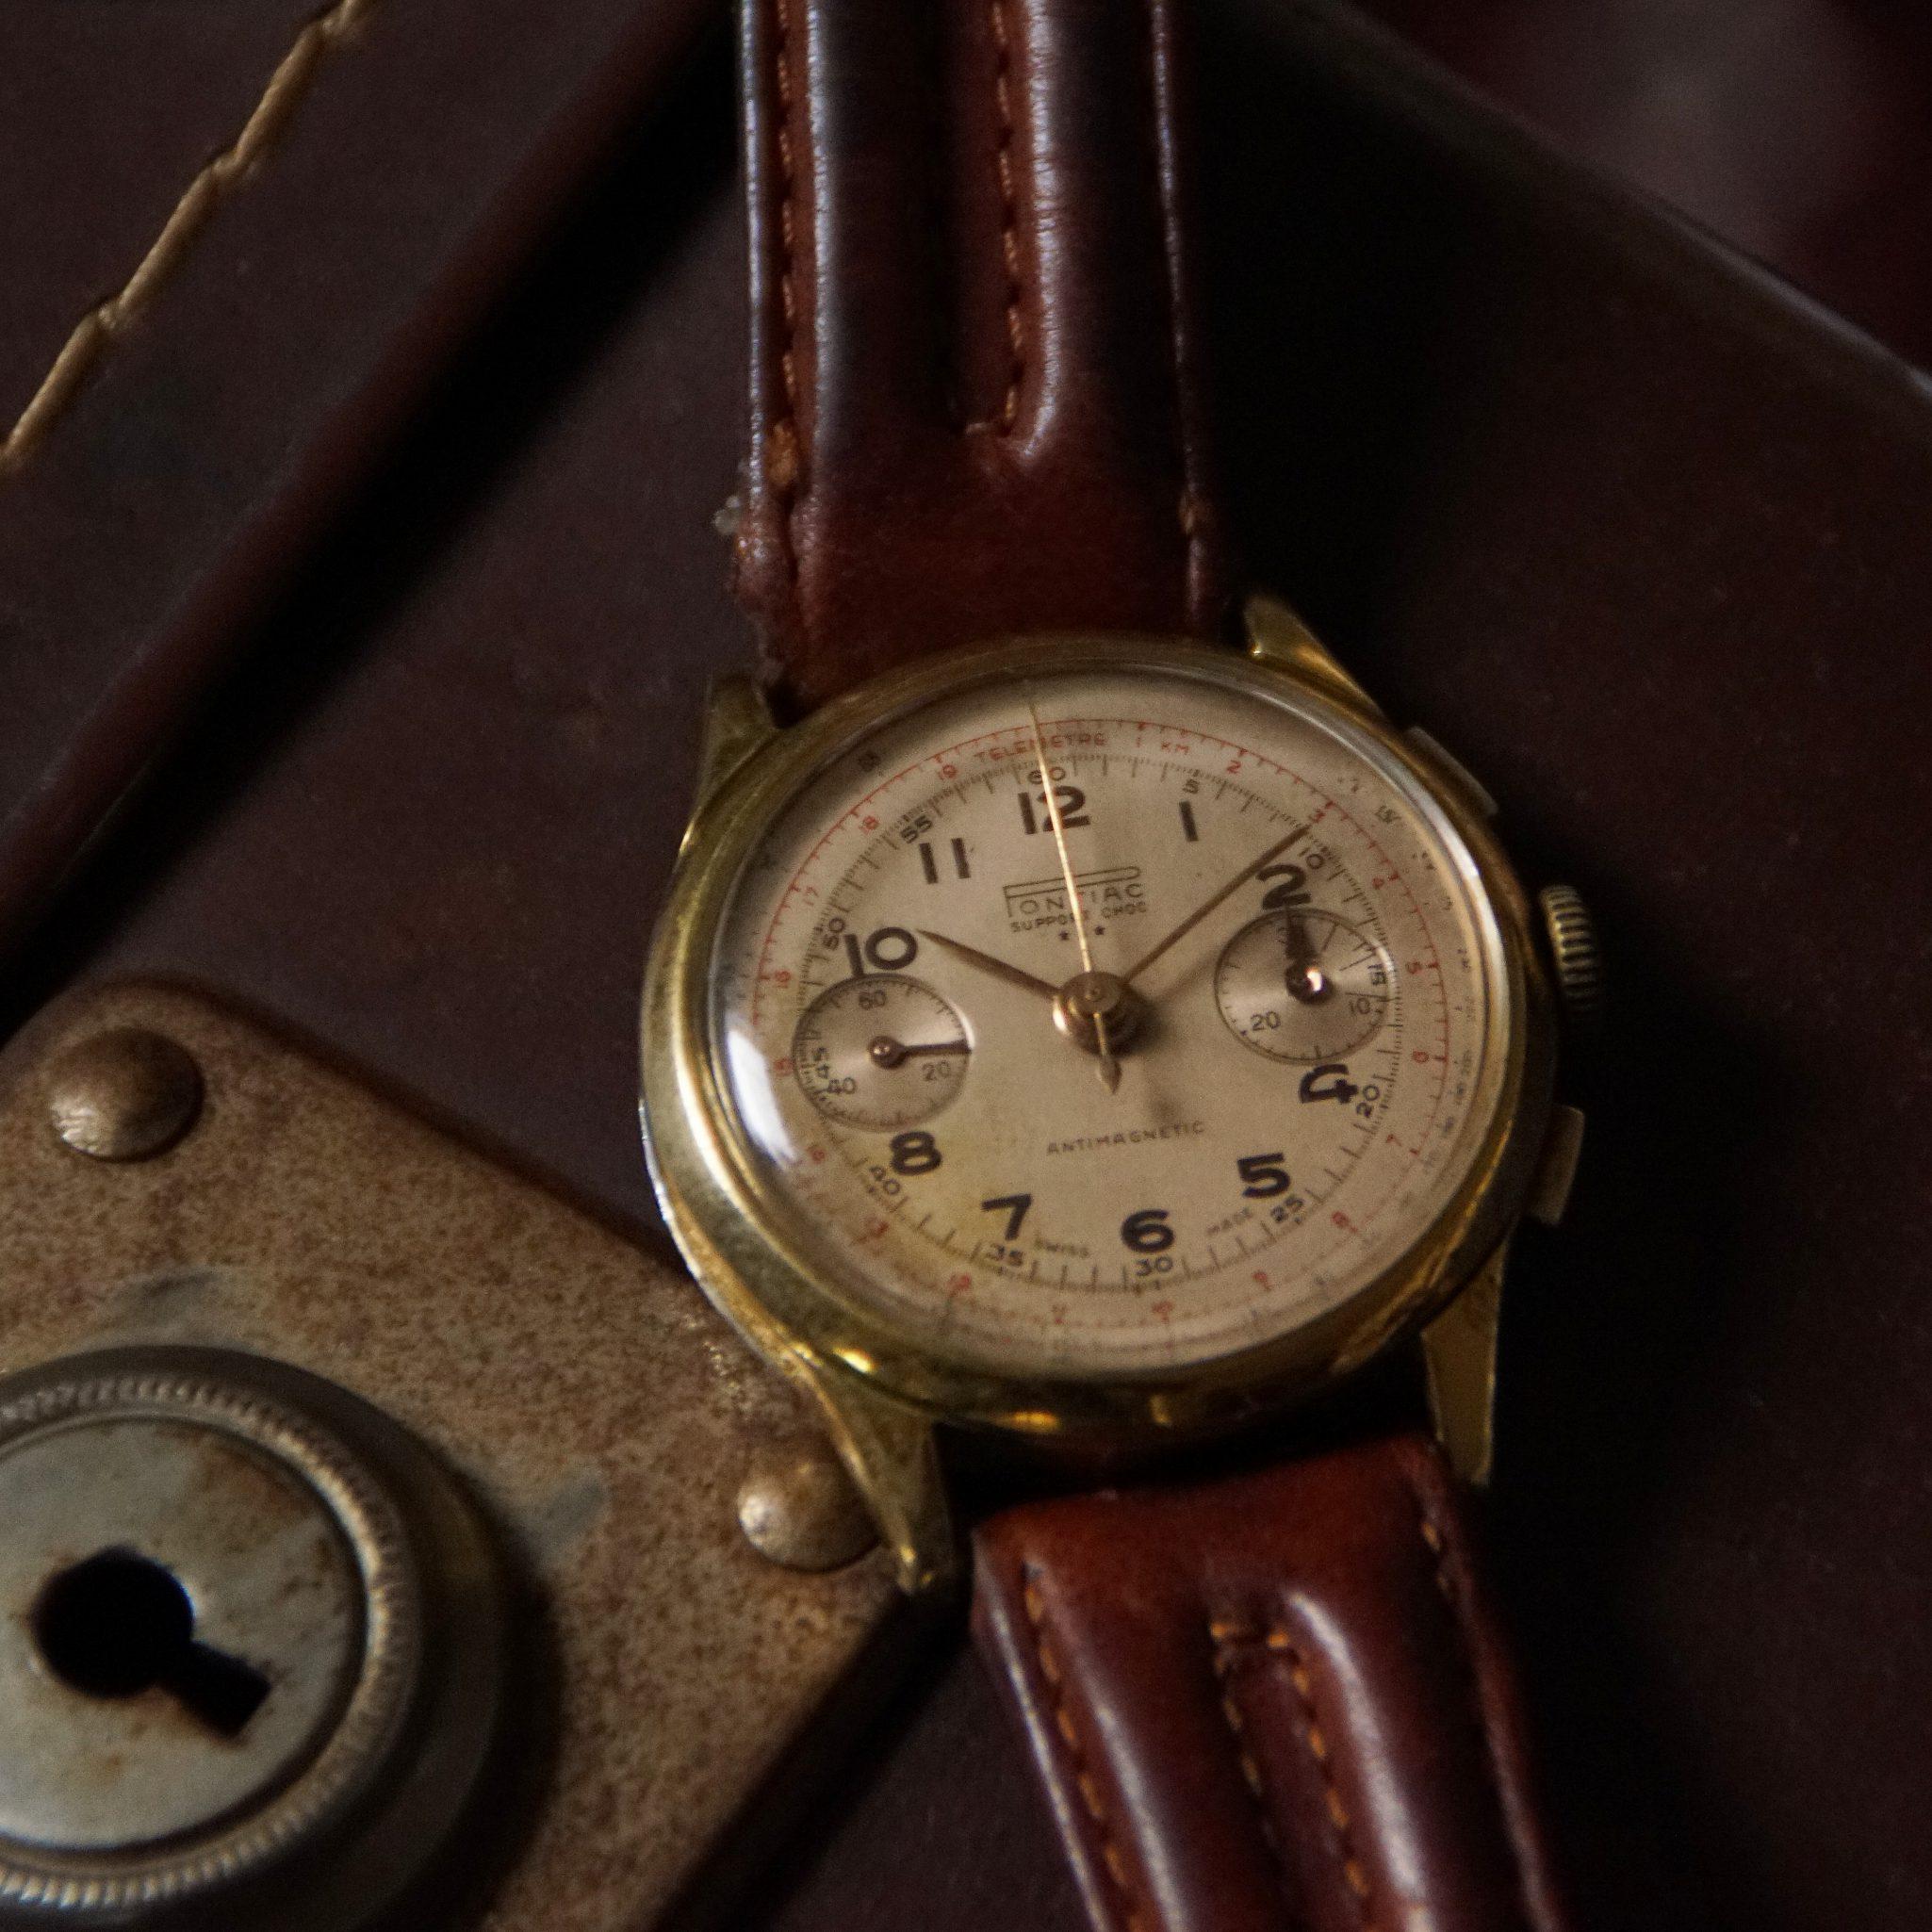 Pontiac Chronograaf Landeron 148